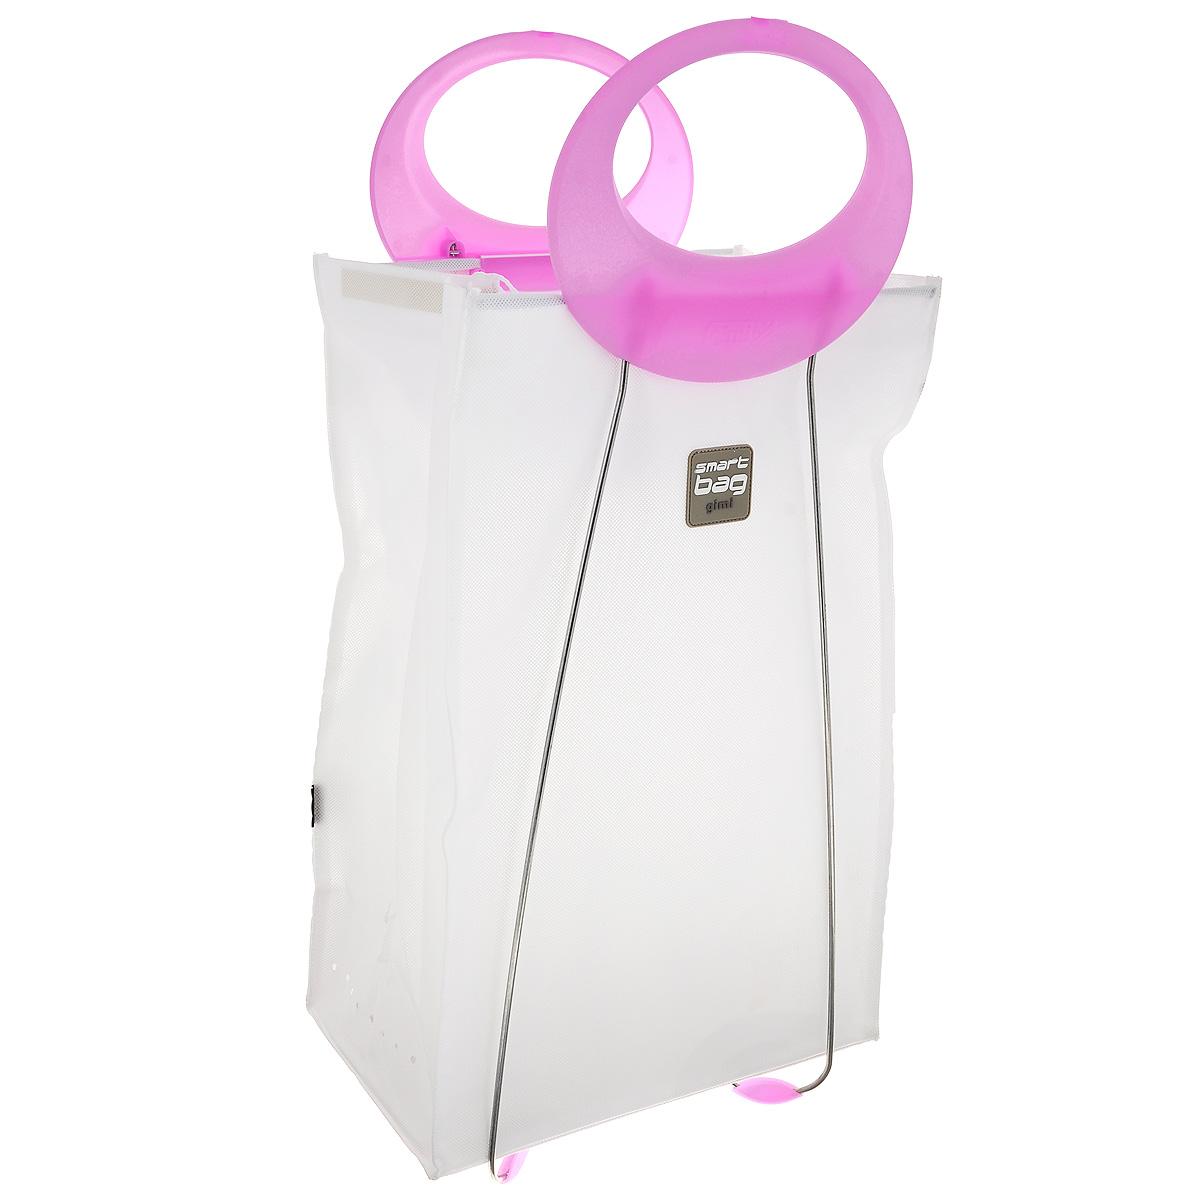 Корзина для белья Gimi Carlotta, цвет: белый, розовый, 39 см х 24 см х 78 см16740760_розовыйКорзина Gimi Carlotta, изготовленная из текстиля, предназначена для хранения белья. Каркас корзины выполнен из стали, благодаря чему она хорошо держит форму. Наверху у корзины имеются шнурки, завязав которые, можно скрыть содержимое корзины. В такой корзине удобно переносить белье в химчистку, так как она оснащена эргономичными пластиковыми ручками. В сложенном виде занимает минимум пространства. Легко складывается и раскладывается. Размер в сложенном виде: 39 см х 6 см х 78 см.